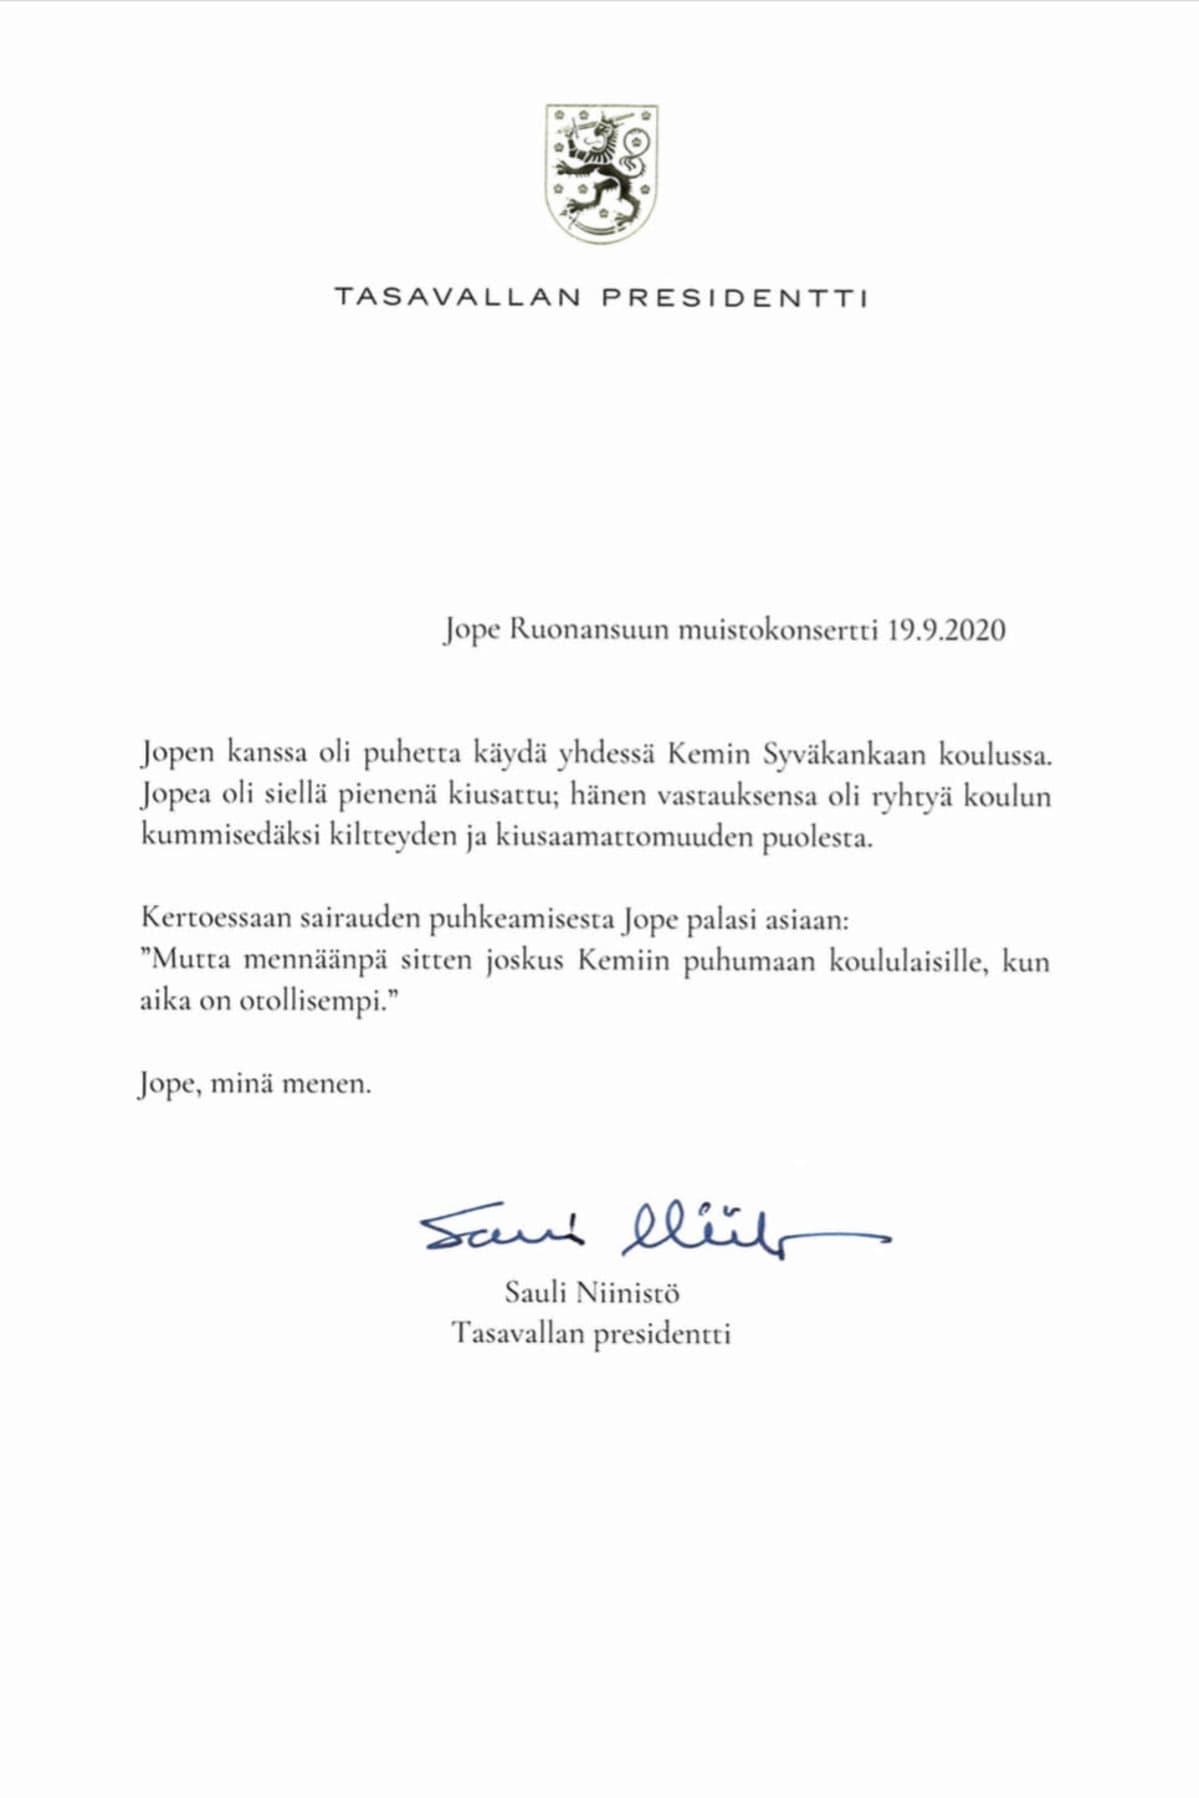 Tasavallan presidentti Sauli Niinistön kirje Jope Ruonansuun muistokonserttiin.